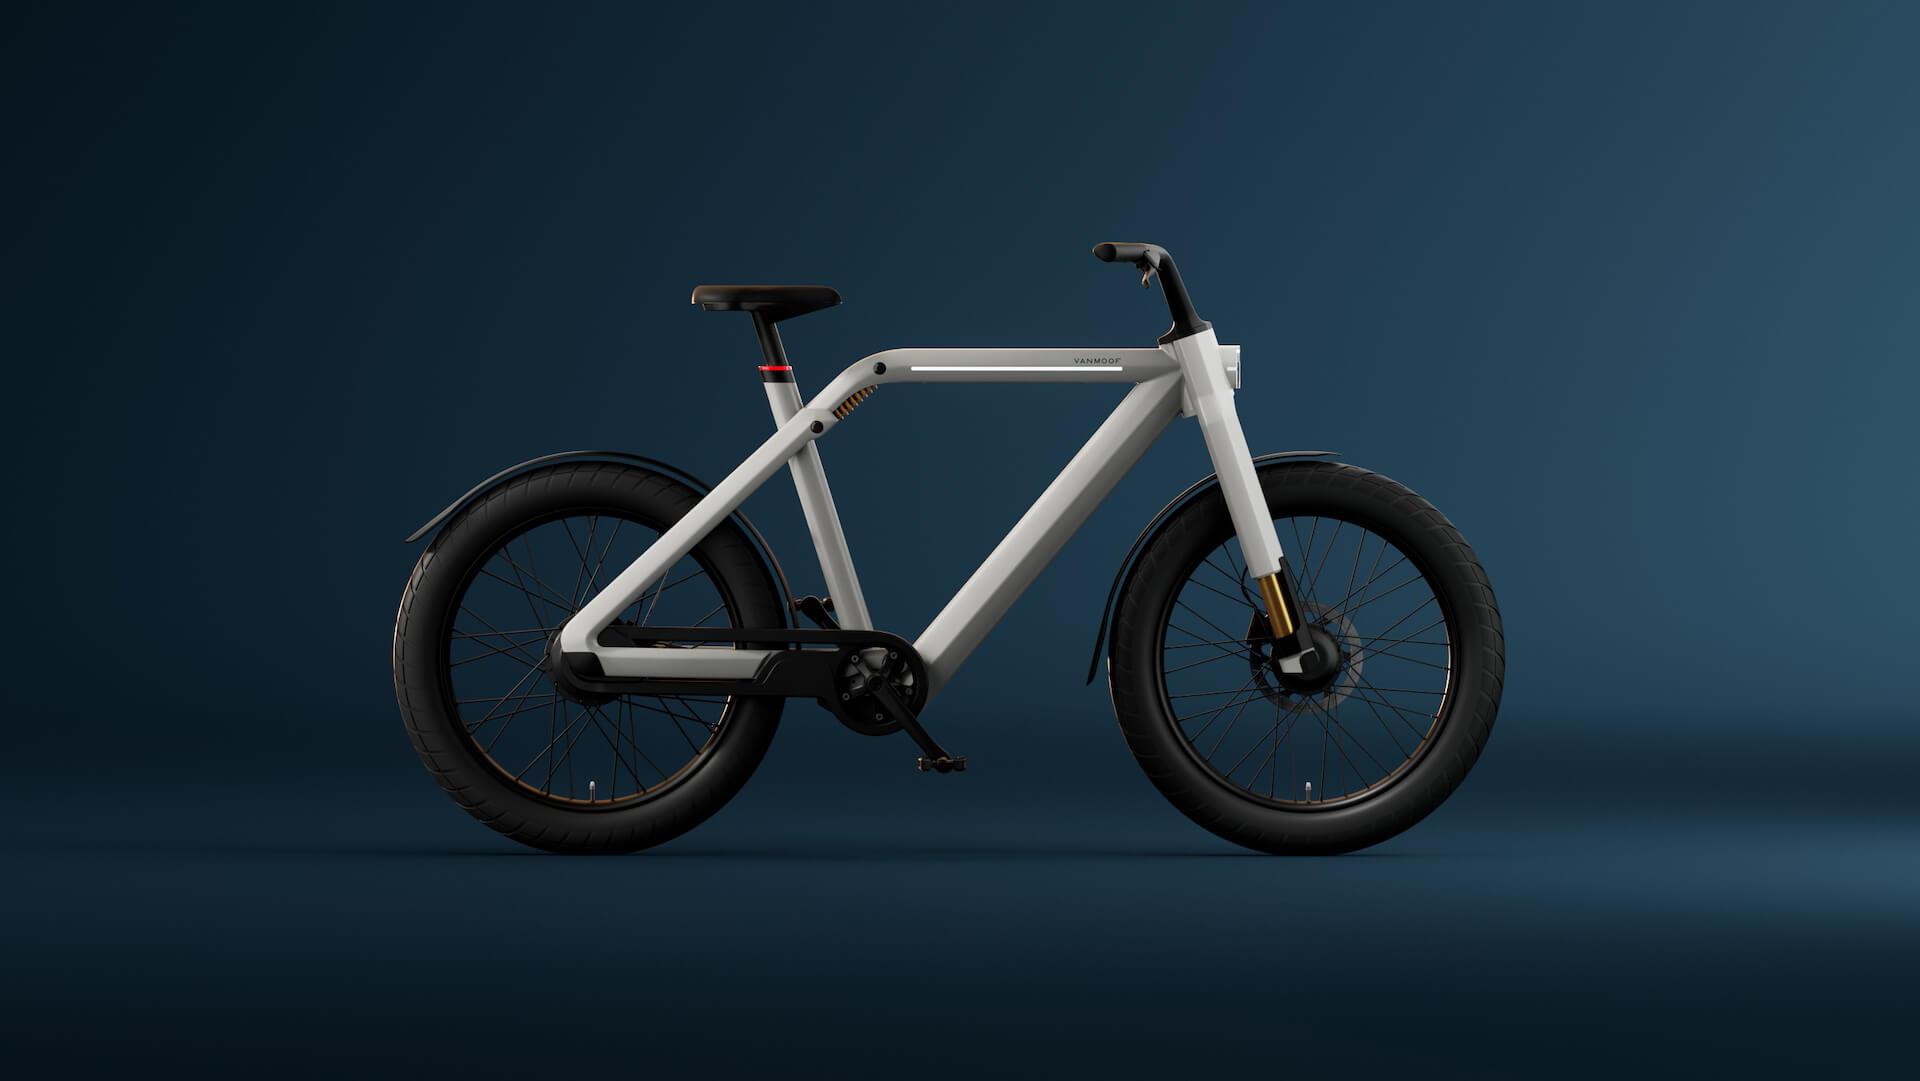 最大時速50kmを誇るハイスピードE-バイク「VanMoof V」が発売決定!2輪駆動を採用 tech211013_vanmoof_2